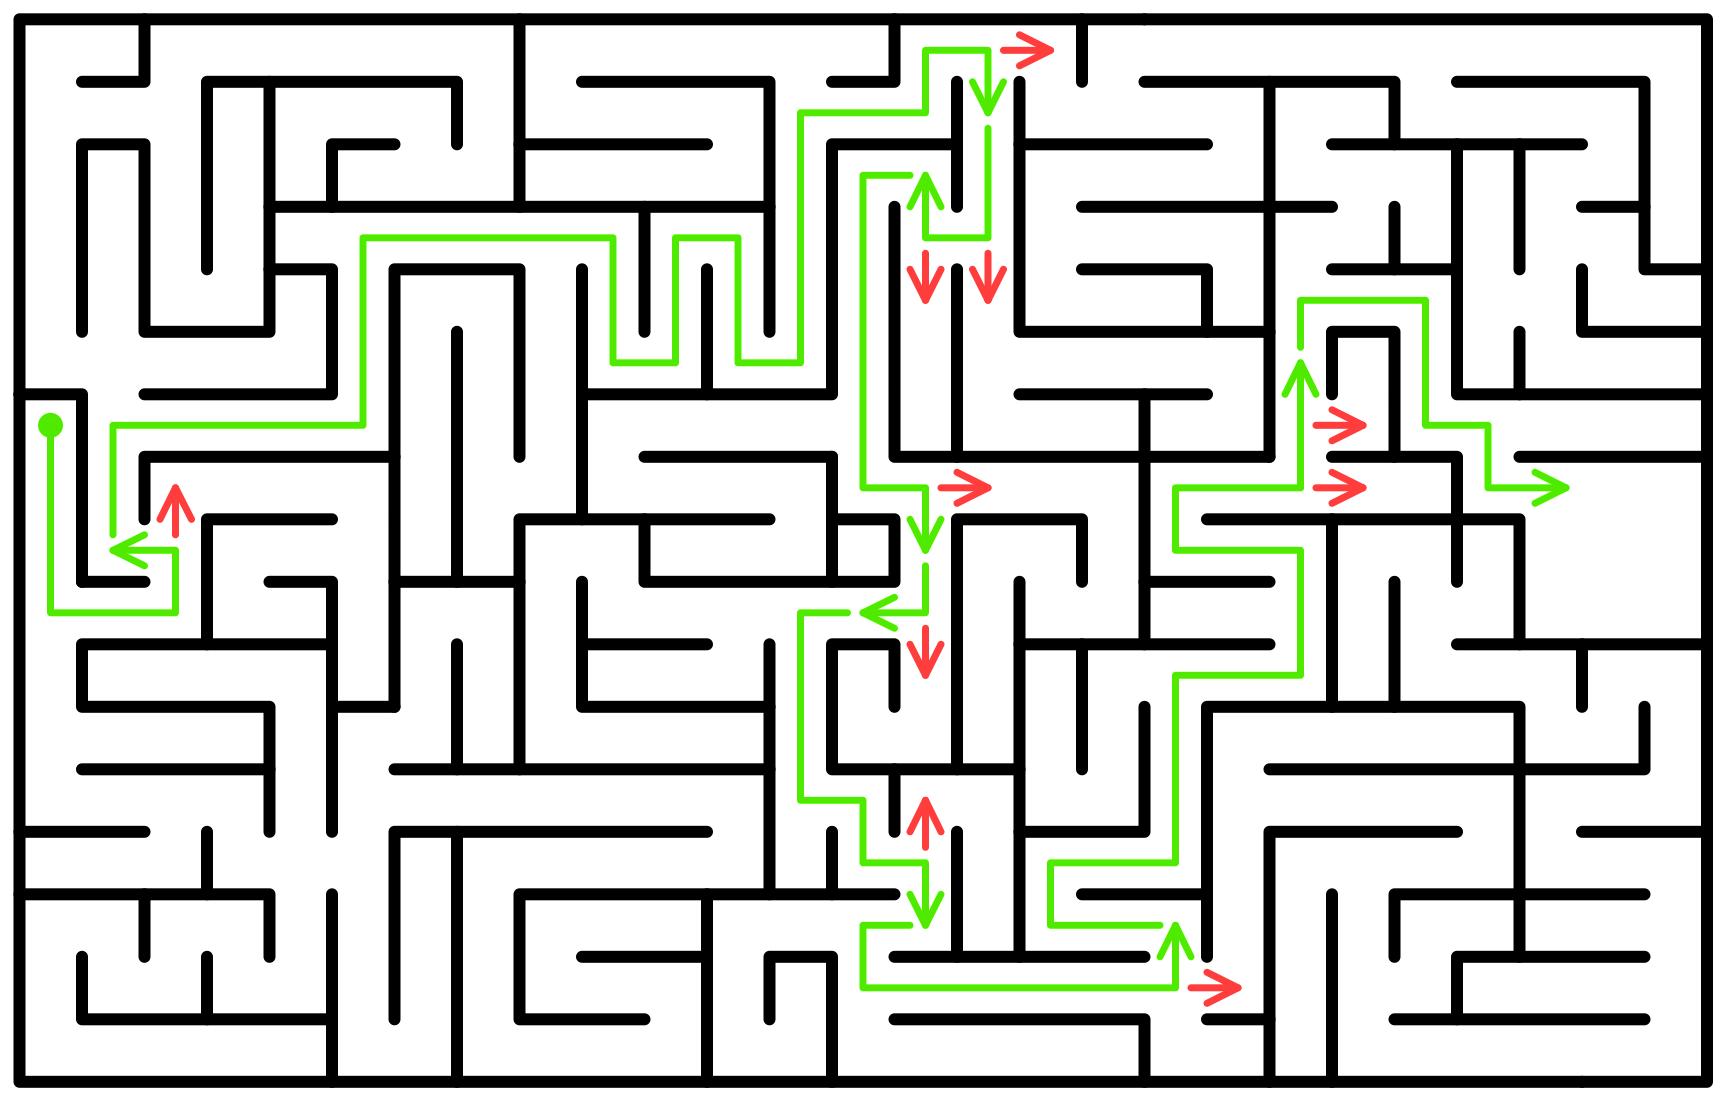 Открытка-лабиринт. Подарок, который невозможно открыть, не разгадав головоломку - 11